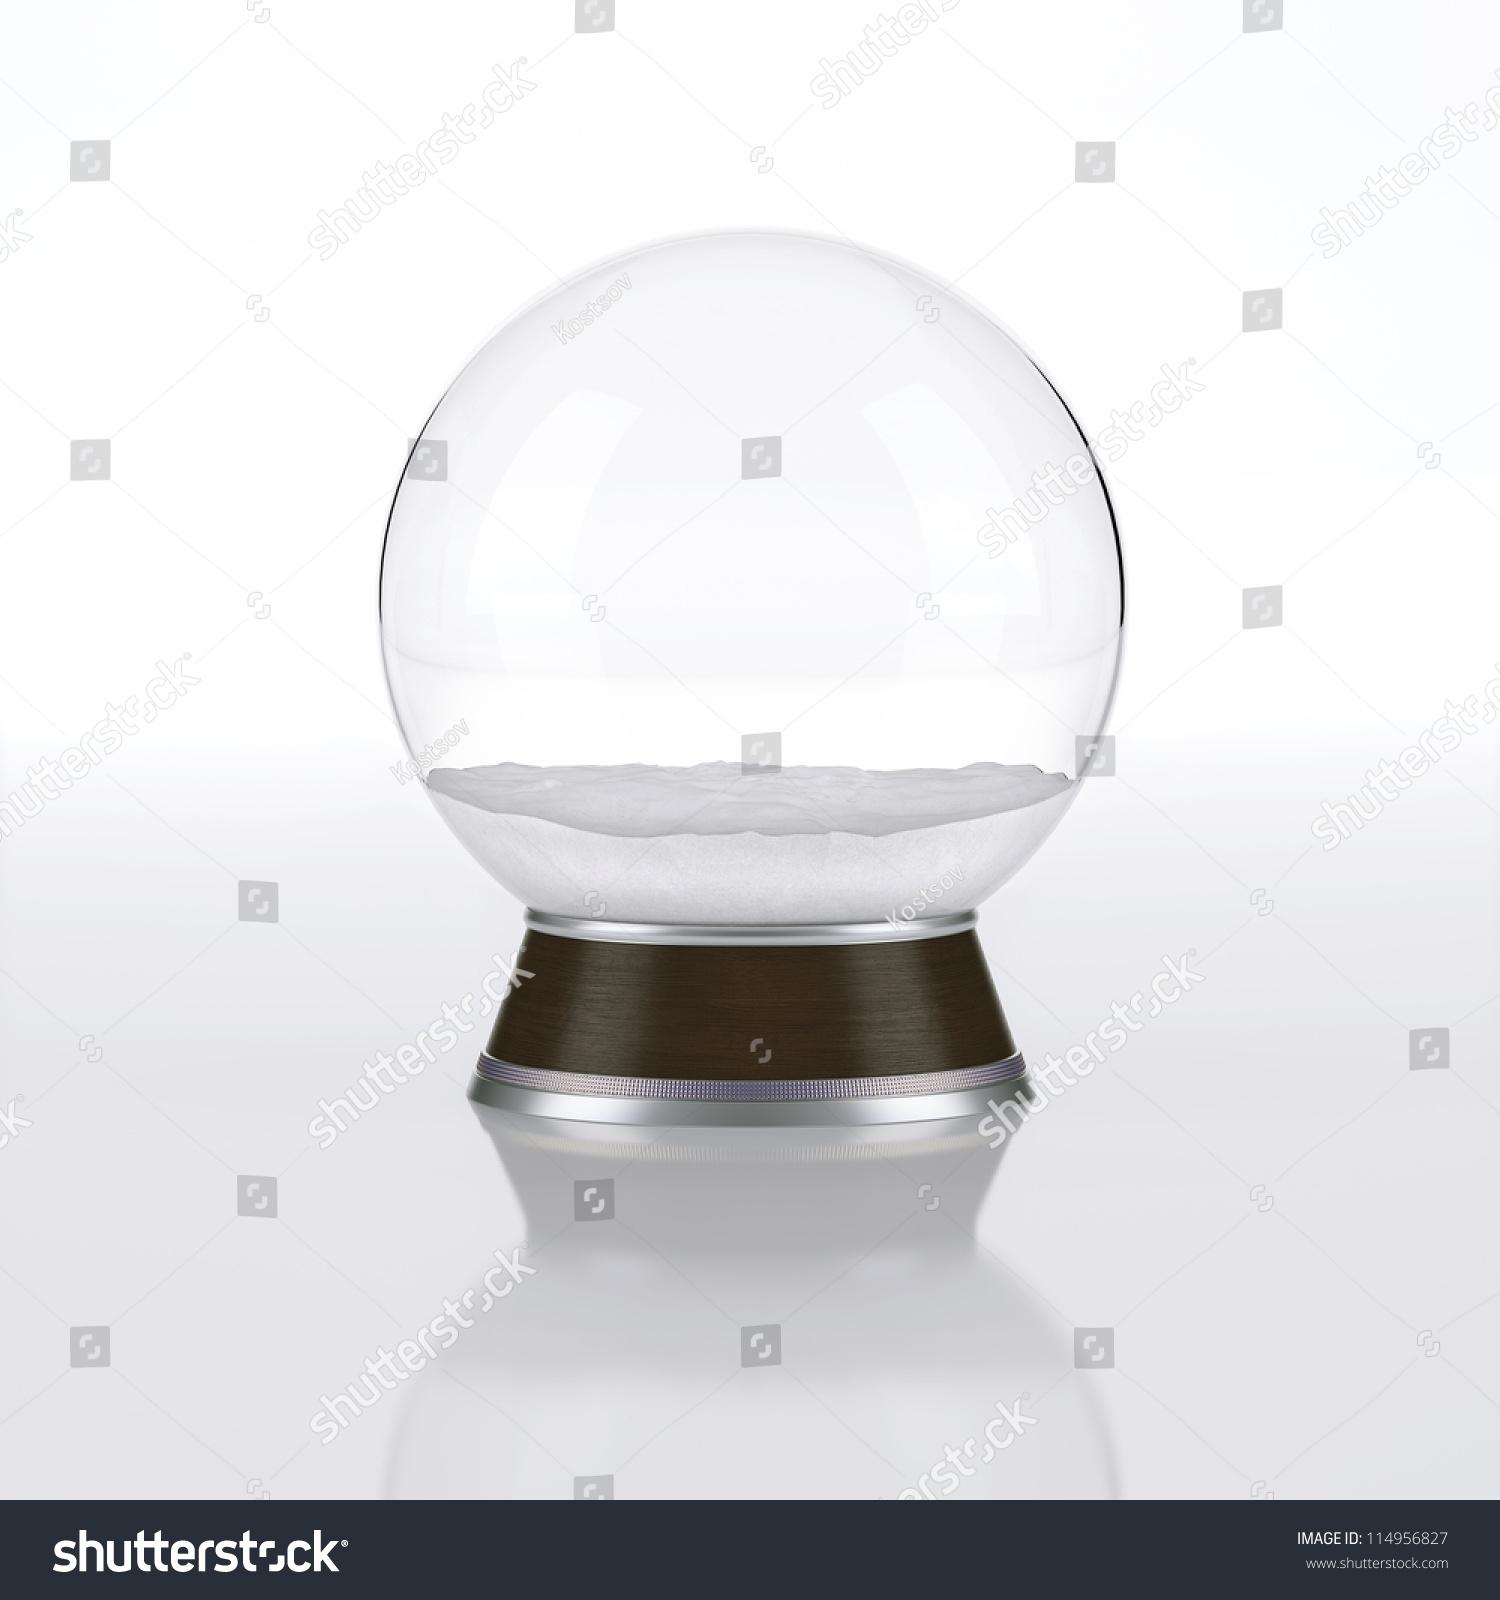 空的白色背景上雪花玻璃球